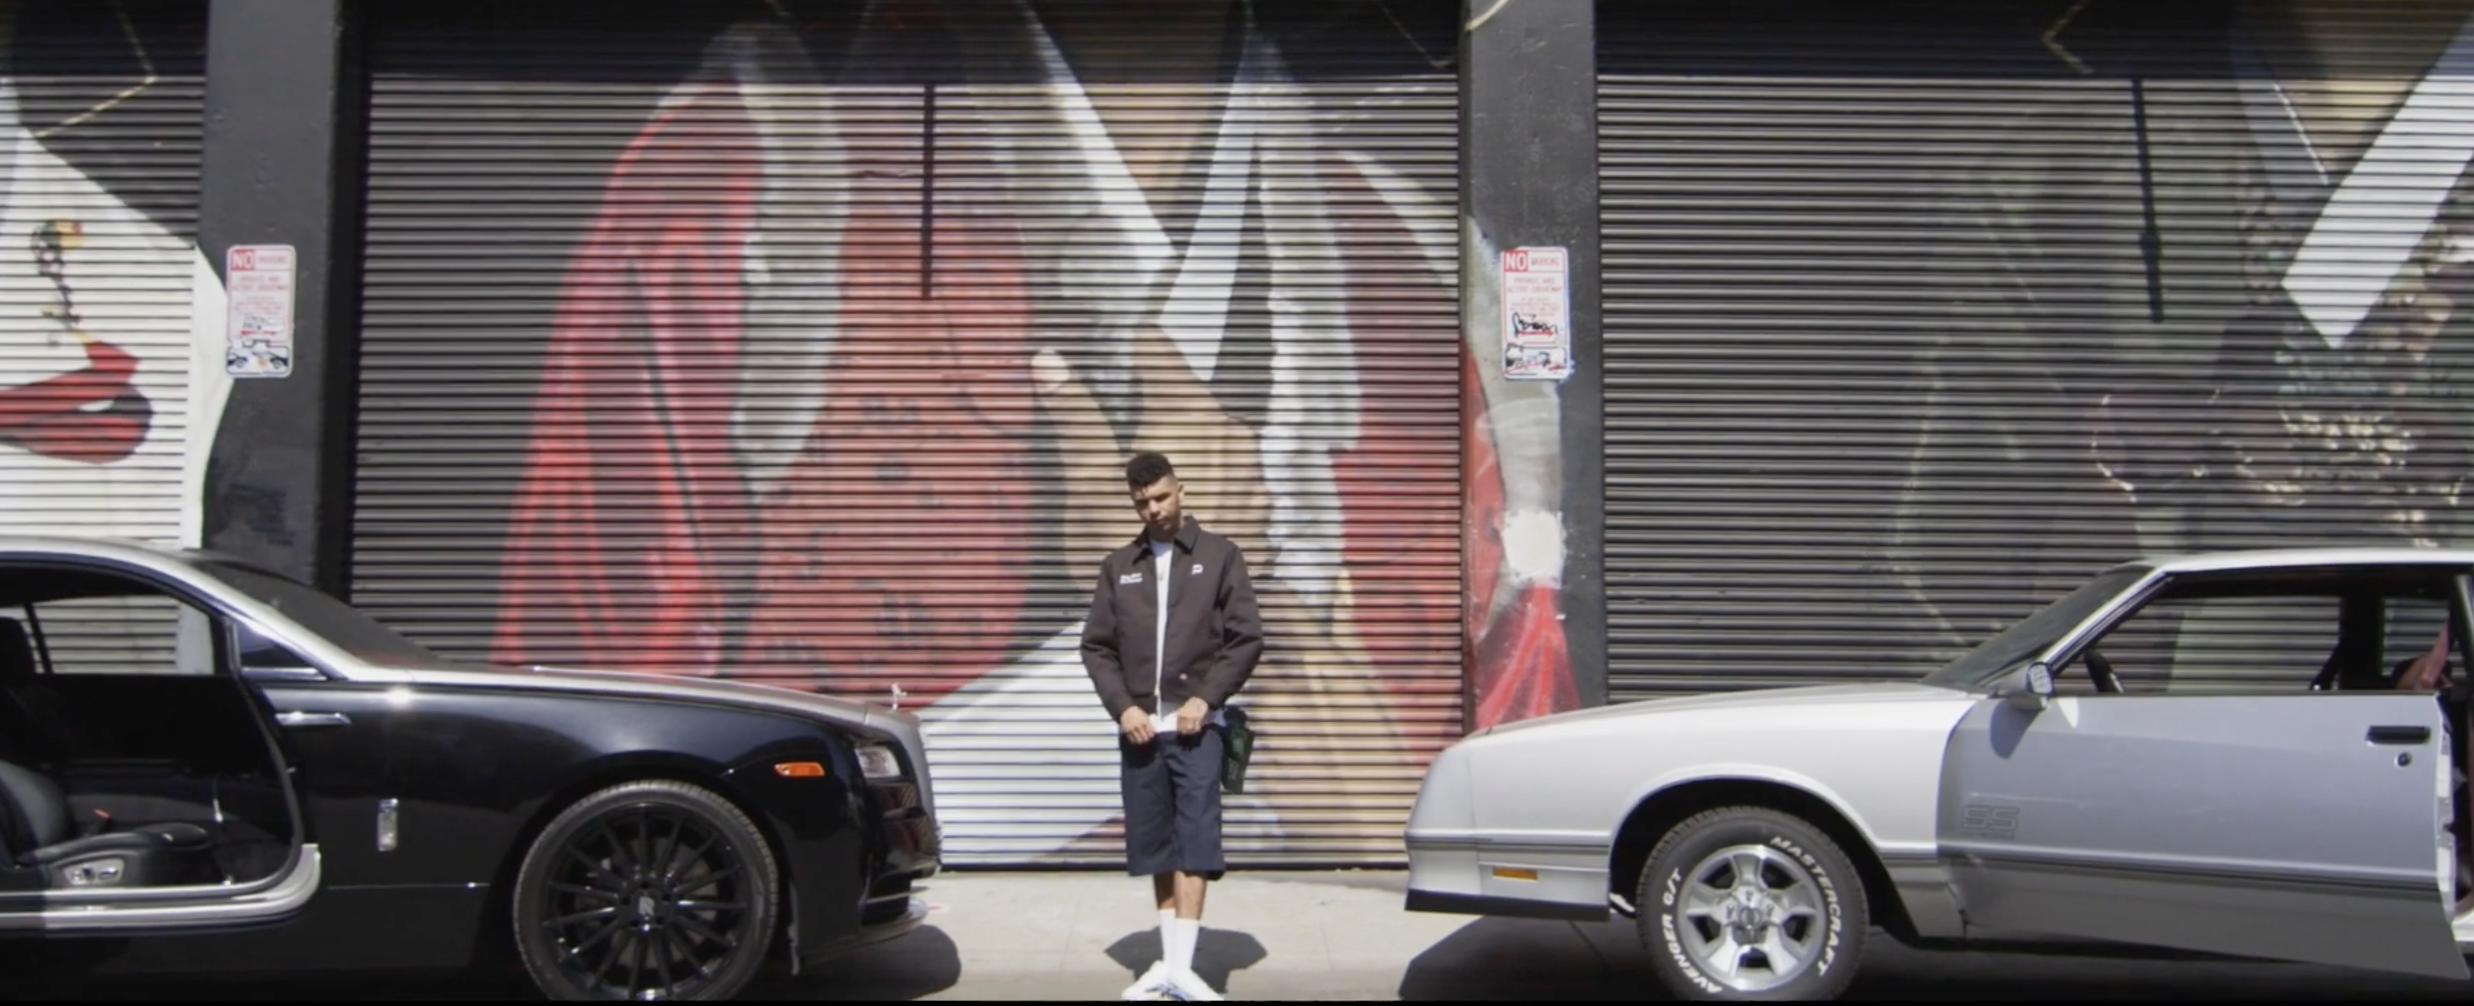 Niko G4 FT  Dom Kennedy - Swervin (Video) - Hip Hop Hundred